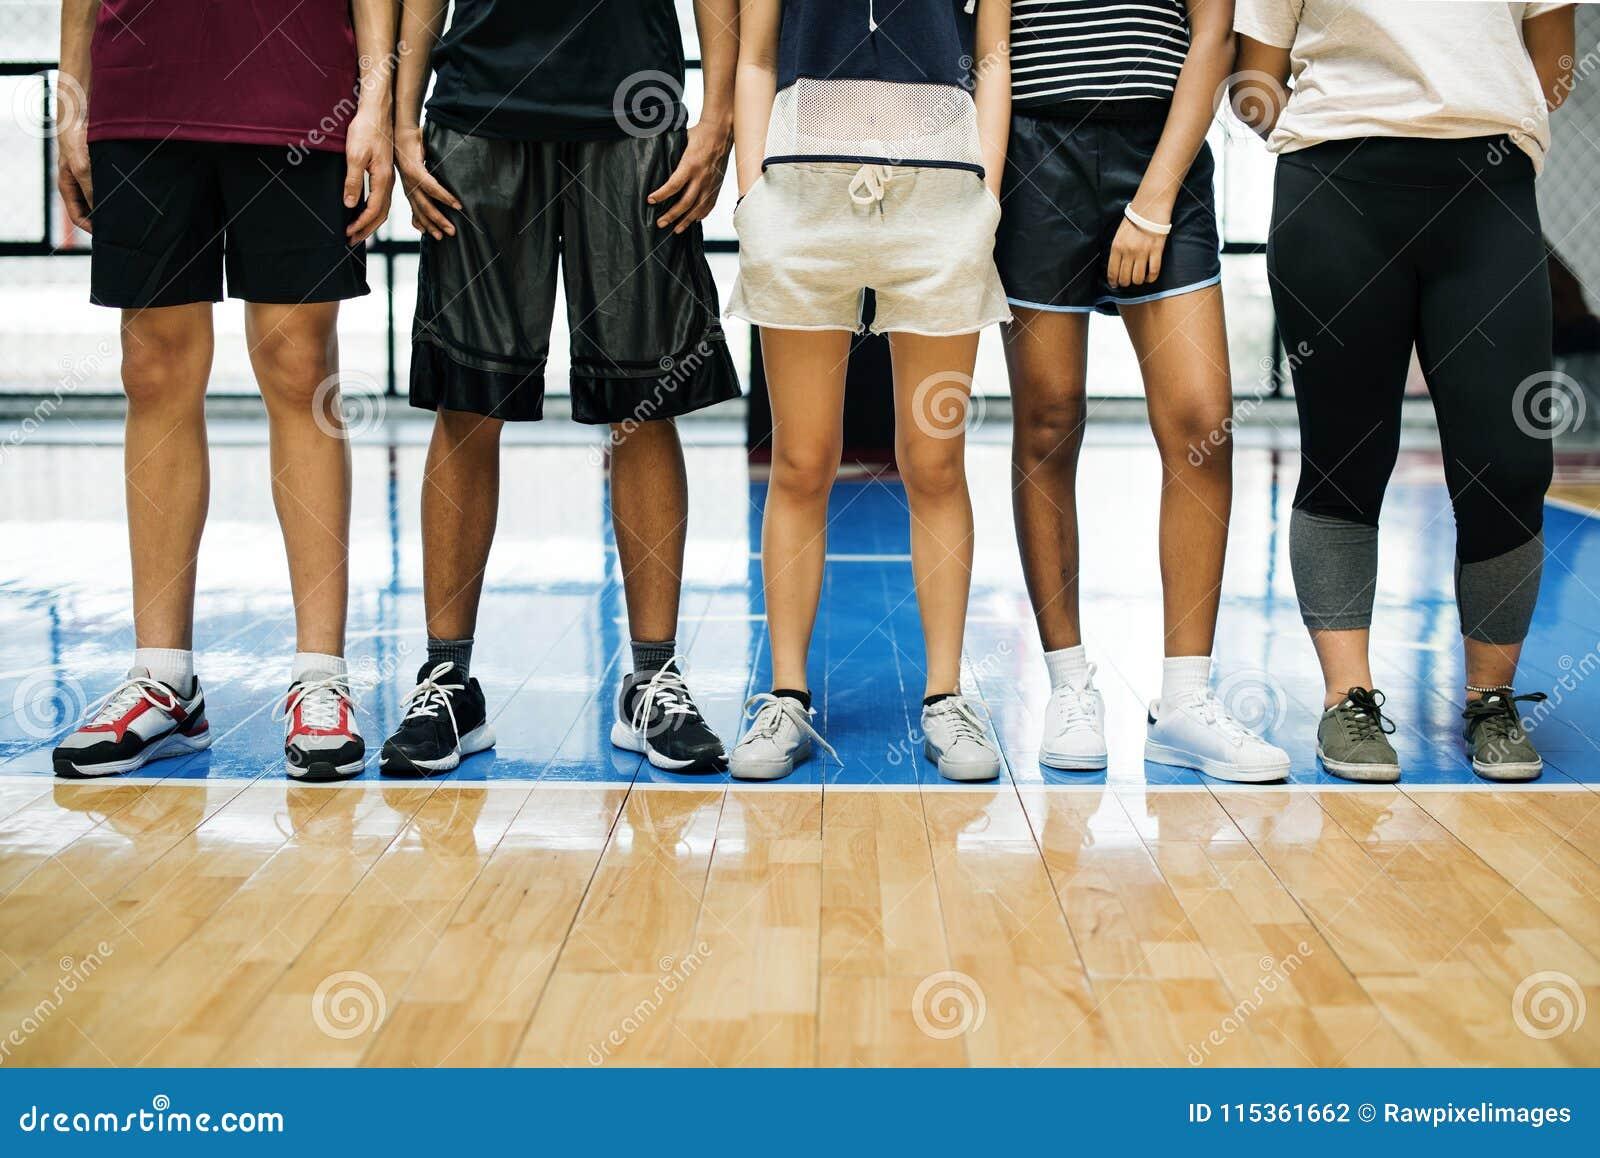 Groep jonge tienervrienden op een basketbalhof die zich op een rij bevinden